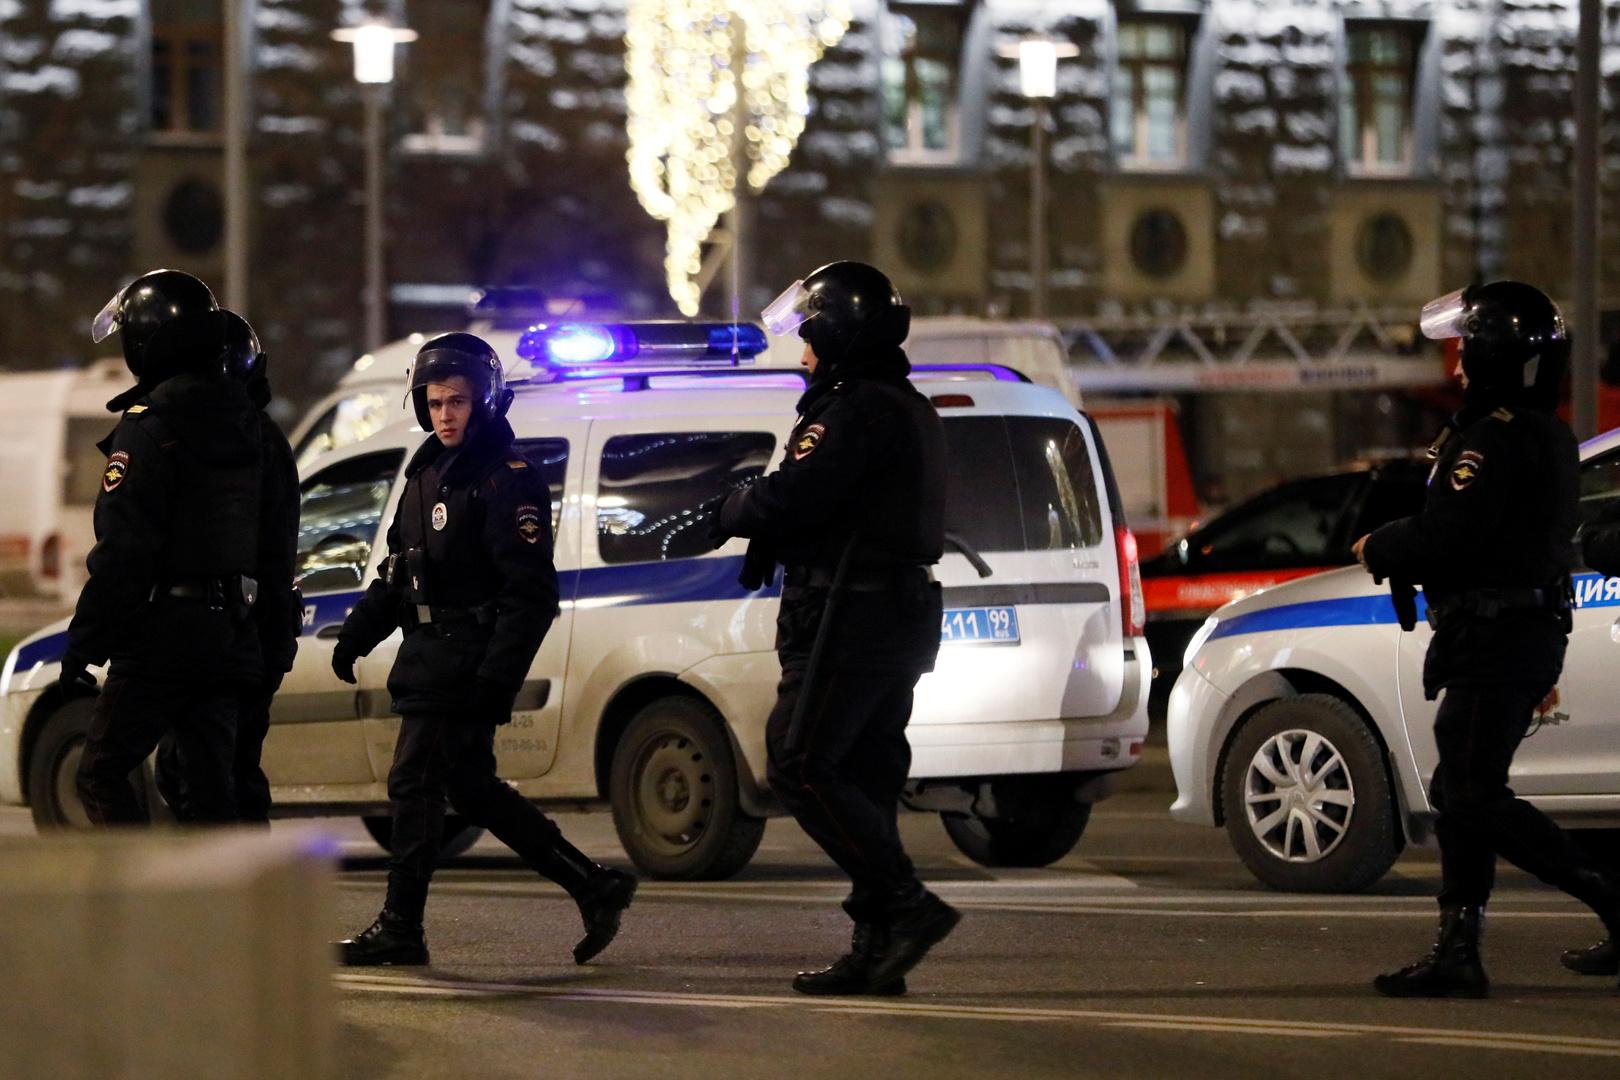 الأمن الروسي يلقي القبض على عناصر خلية إرهابية (فيديو)